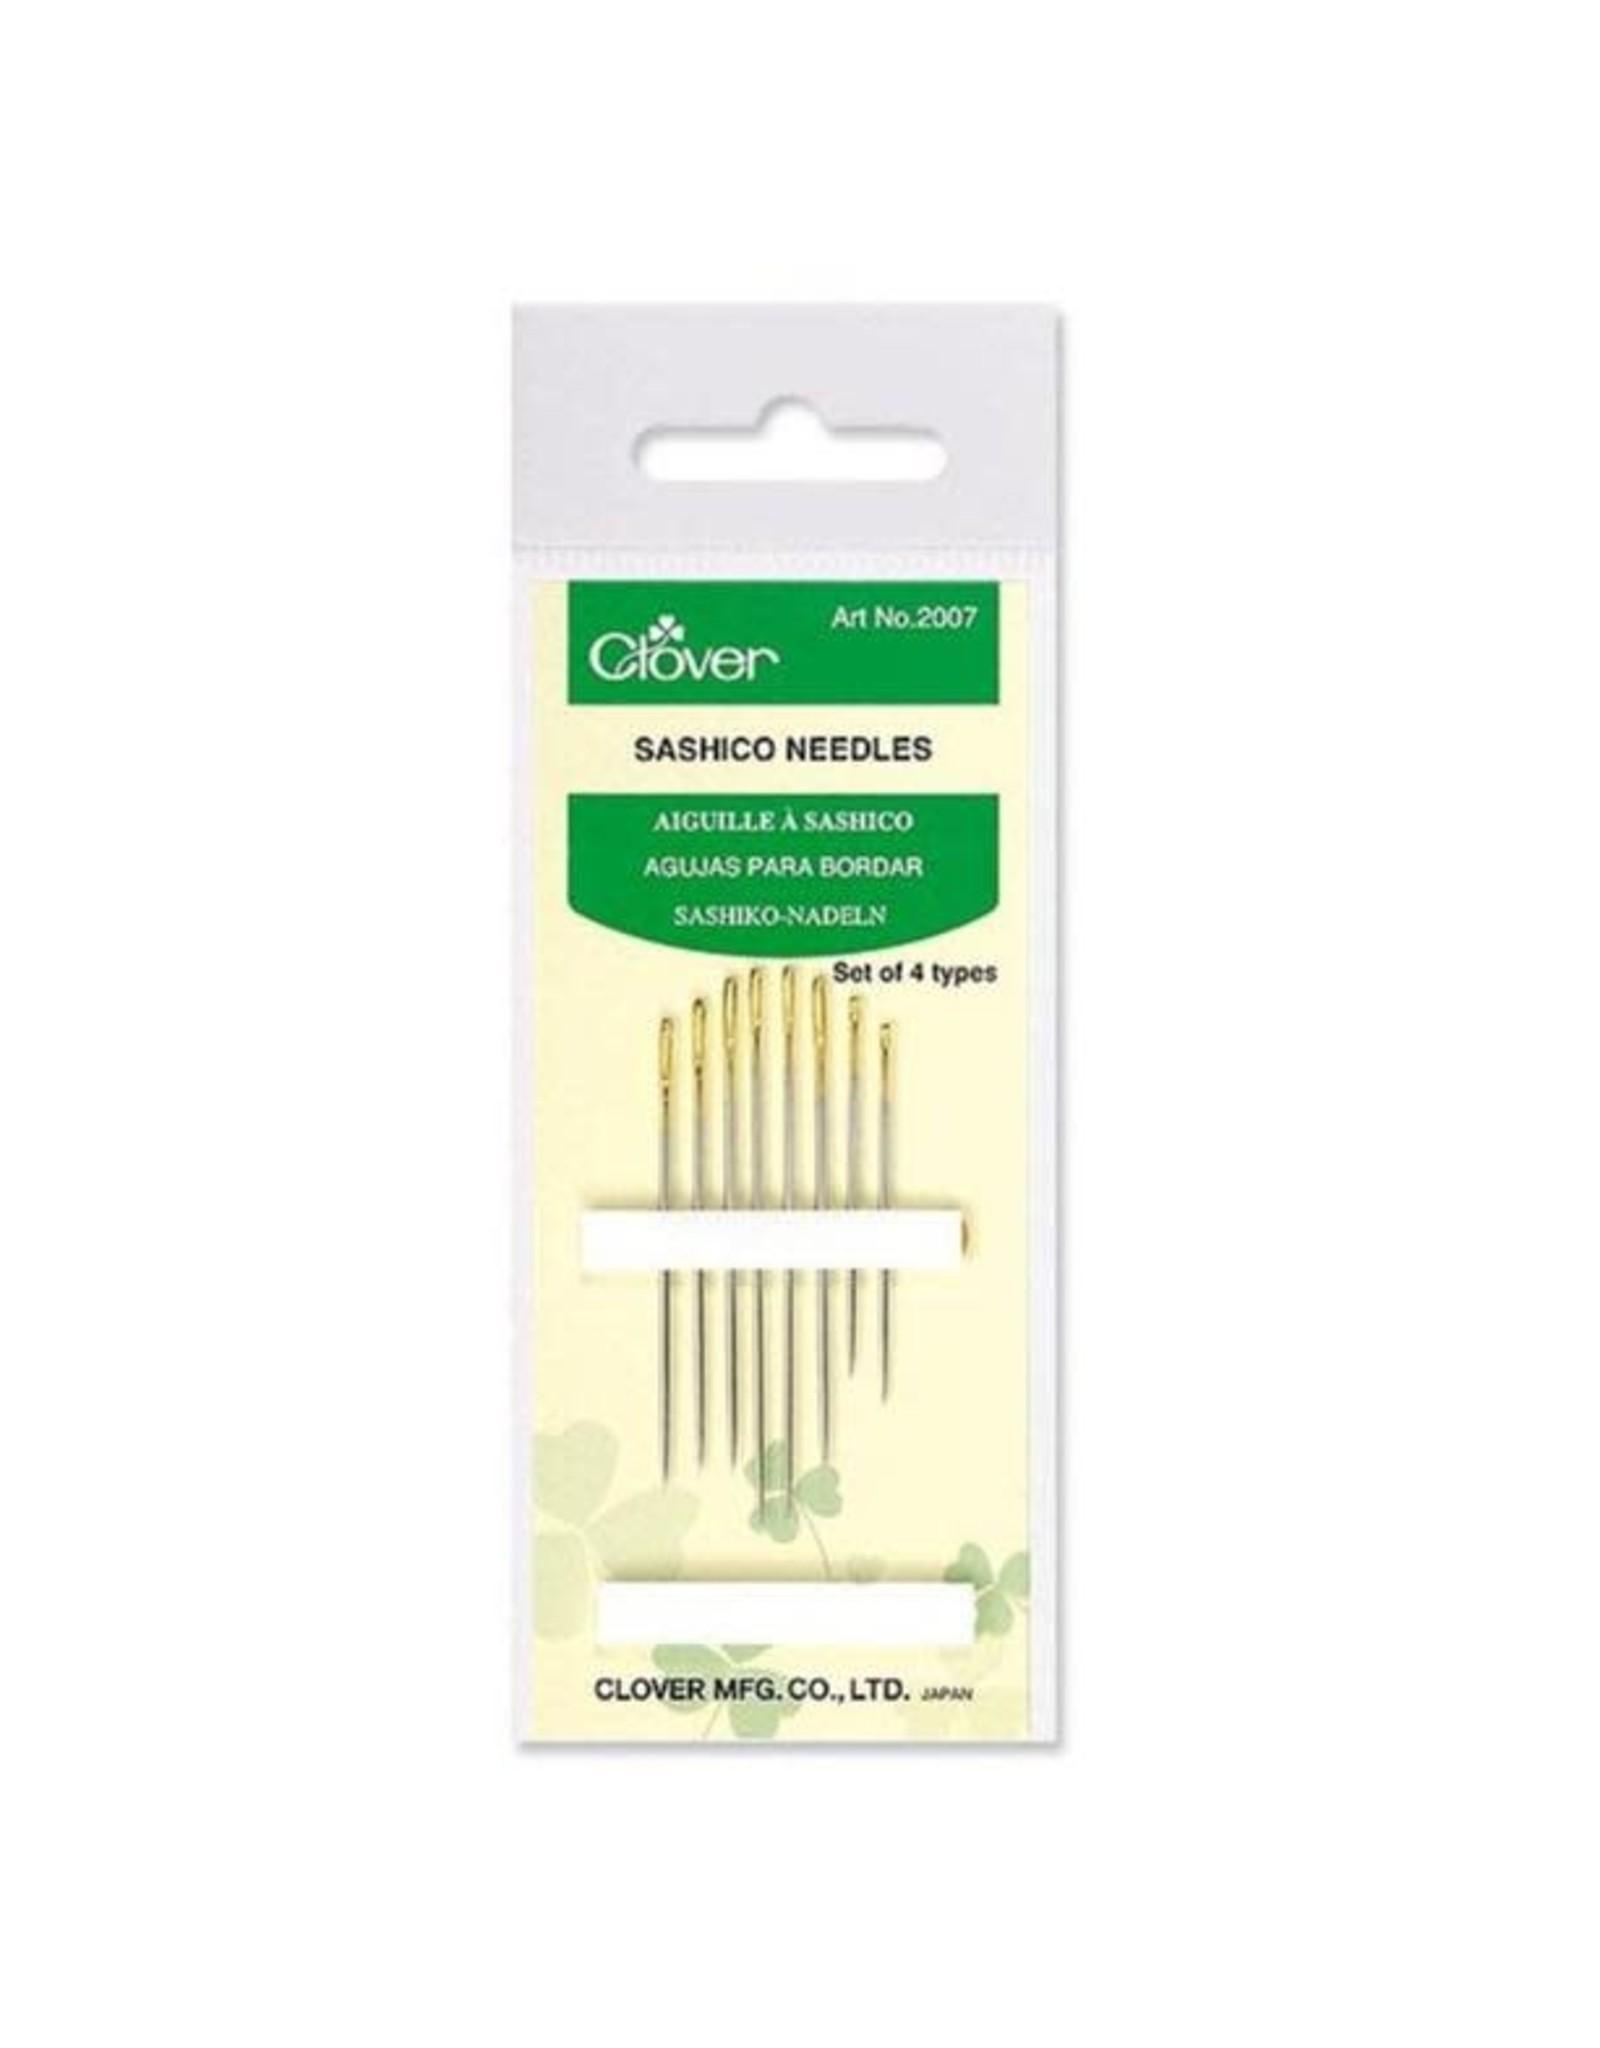 PD Clover, Sashiko Needles - Set of 8 Needles in 4 Sizes